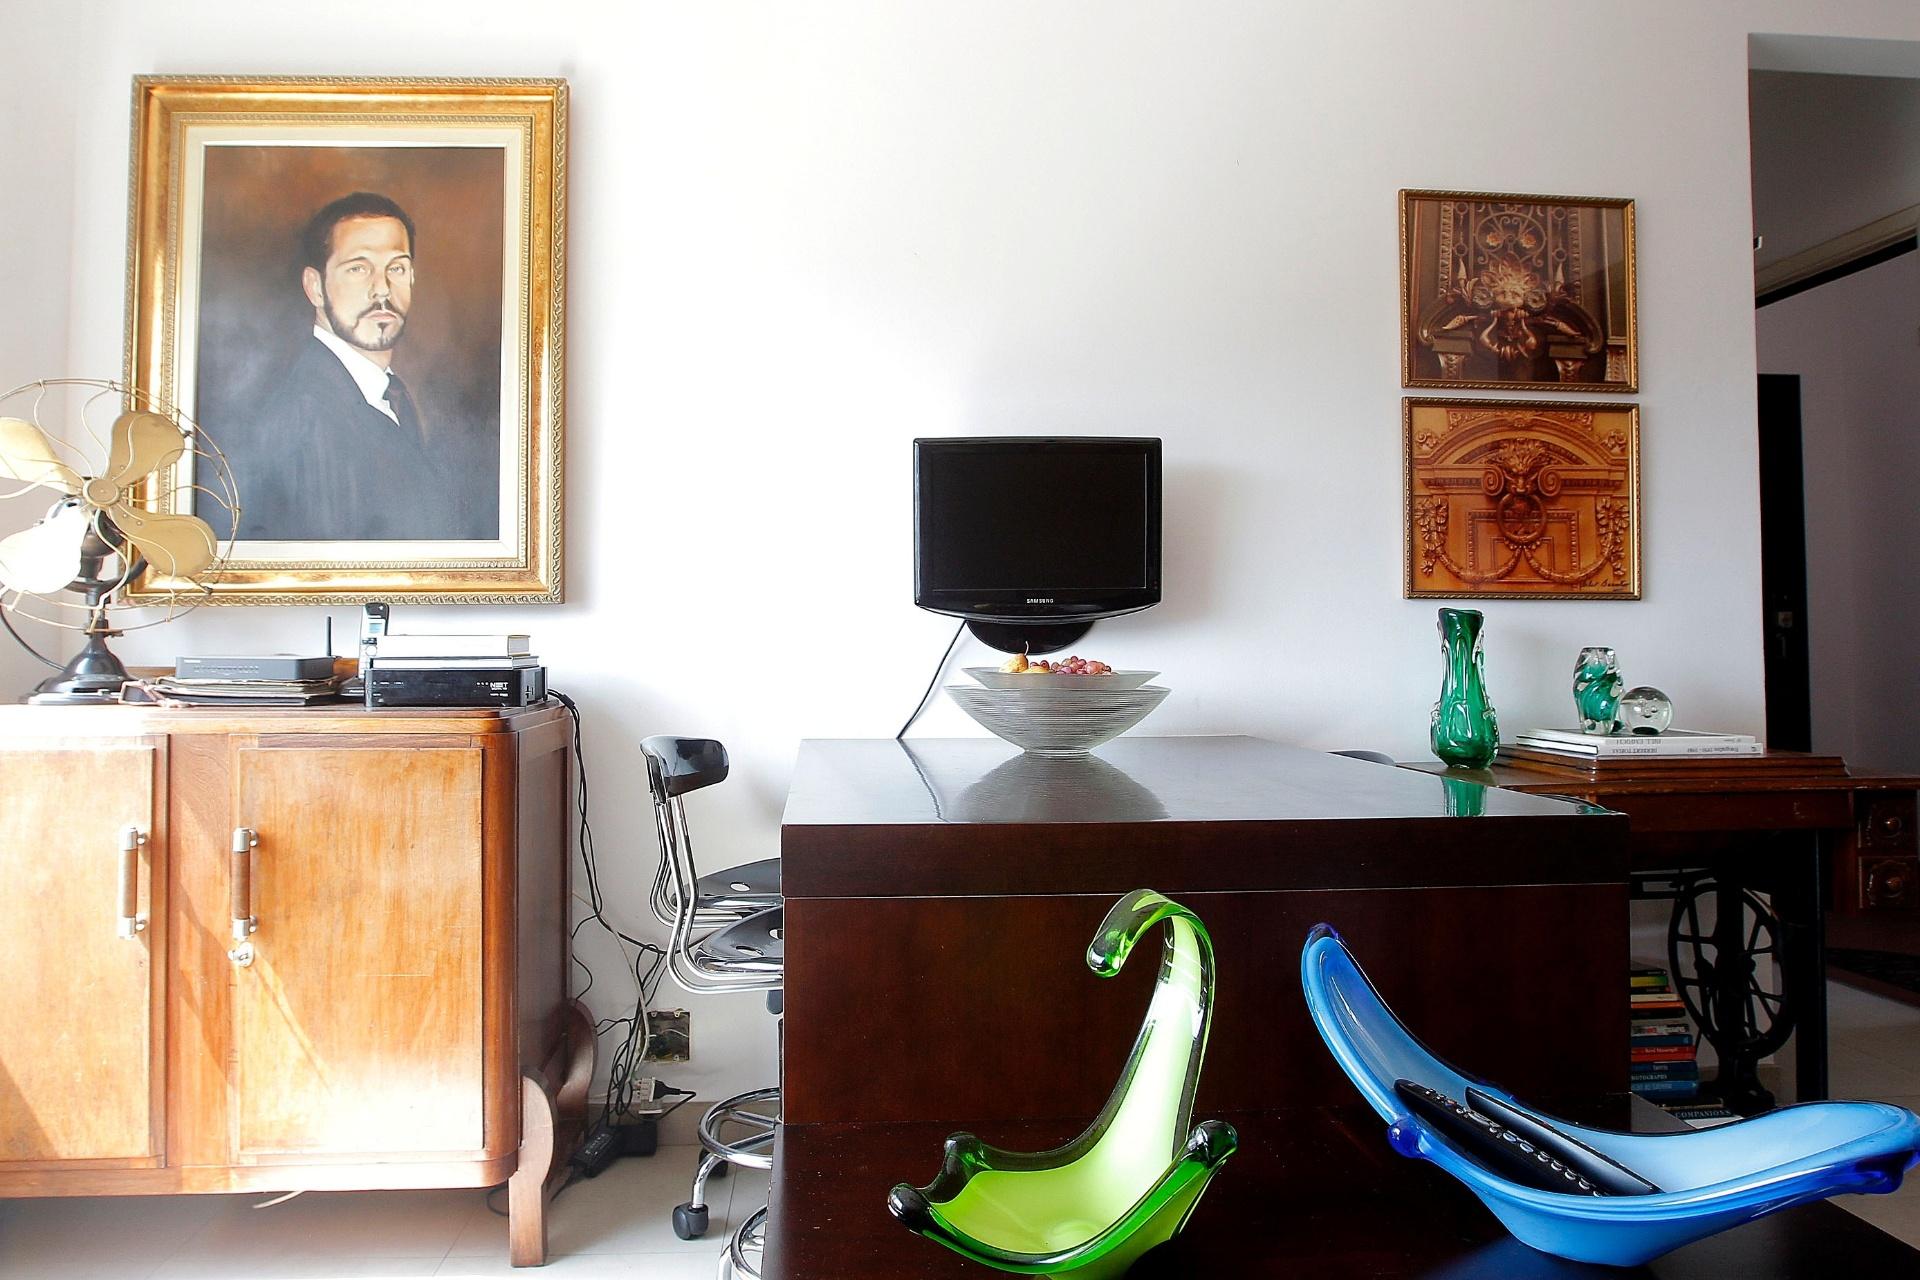 A mesa encostada à parede acomoda quatro convivas em um jantar. À esquerda, um quatro retrata o ator Nico Puig encarnando um de seus personagens. Entre os objetos e móveis antigos, destaque para o ventilador e para a máquina de costura